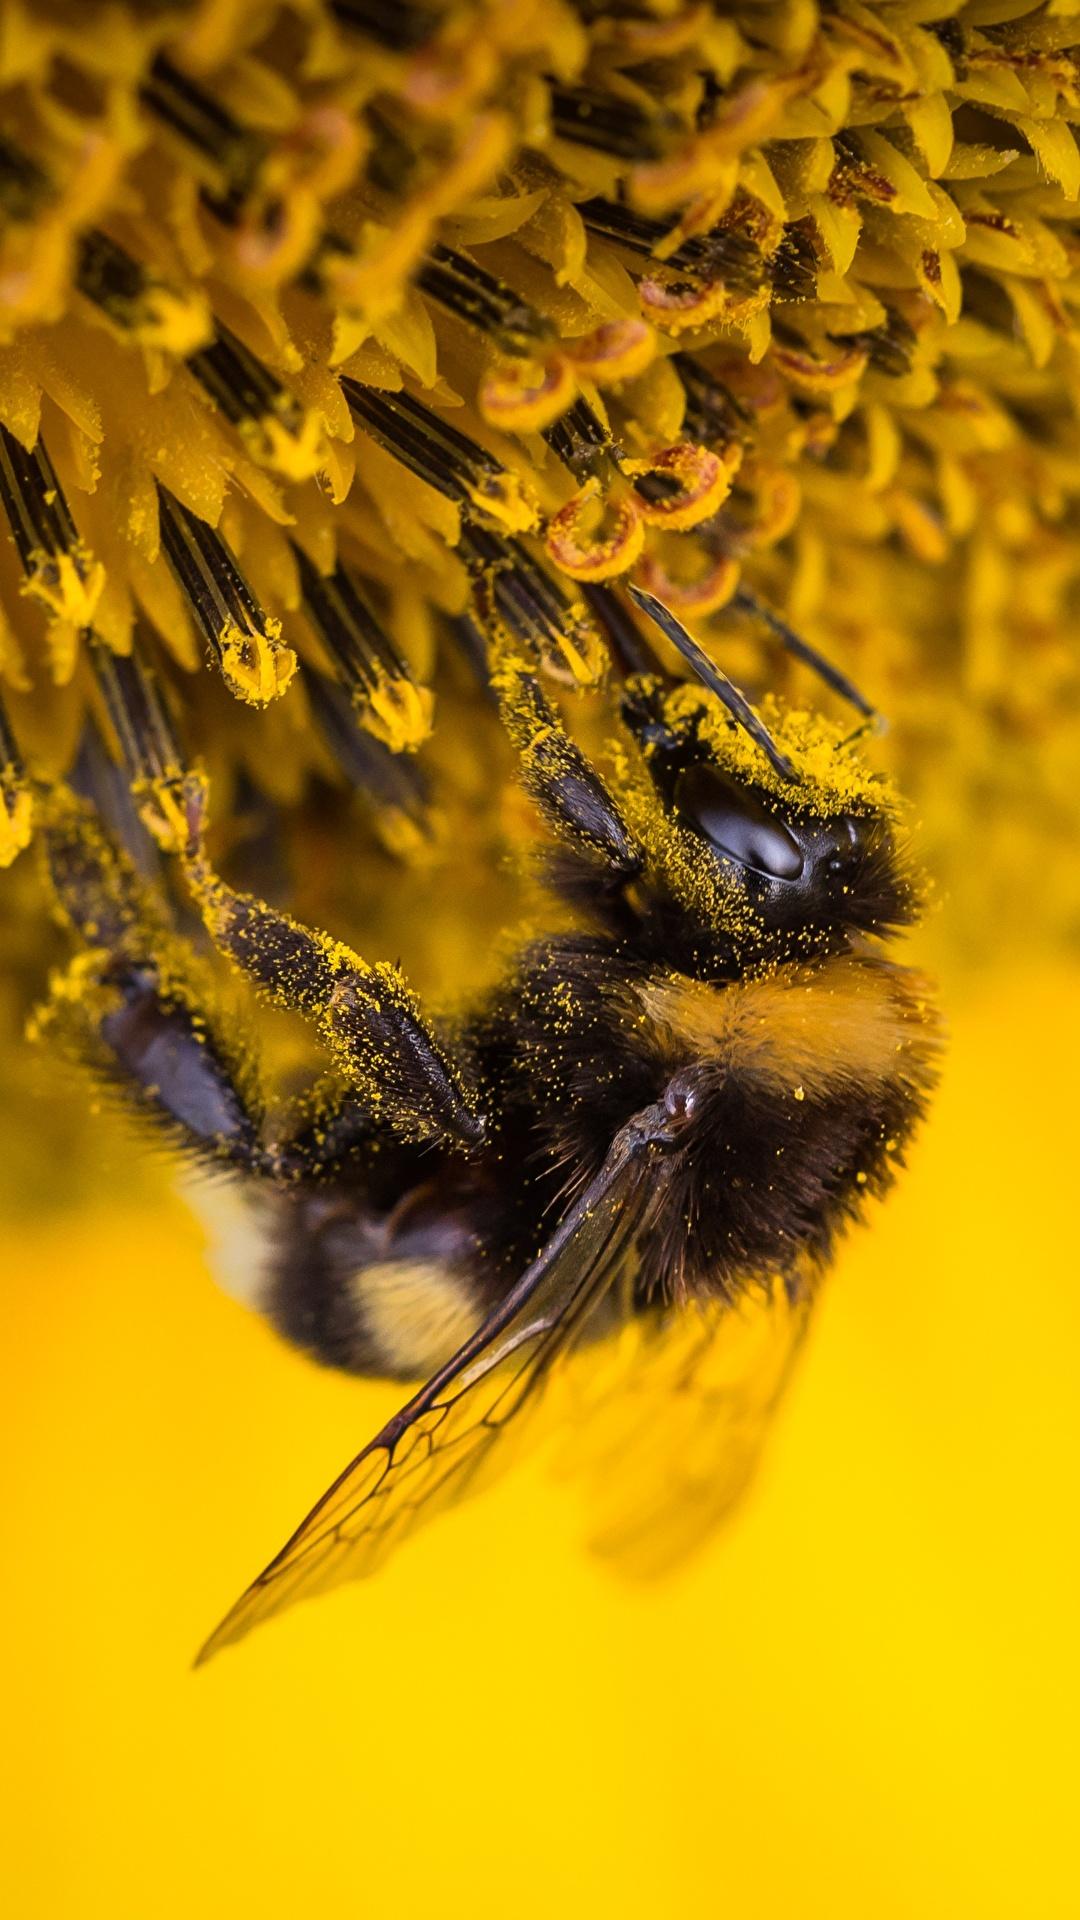 Foto Hummeln Insekten Blütenstaub Tiere hautnah 1080x1920 für Handy Pollen ein Tier Nahaufnahme Großansicht